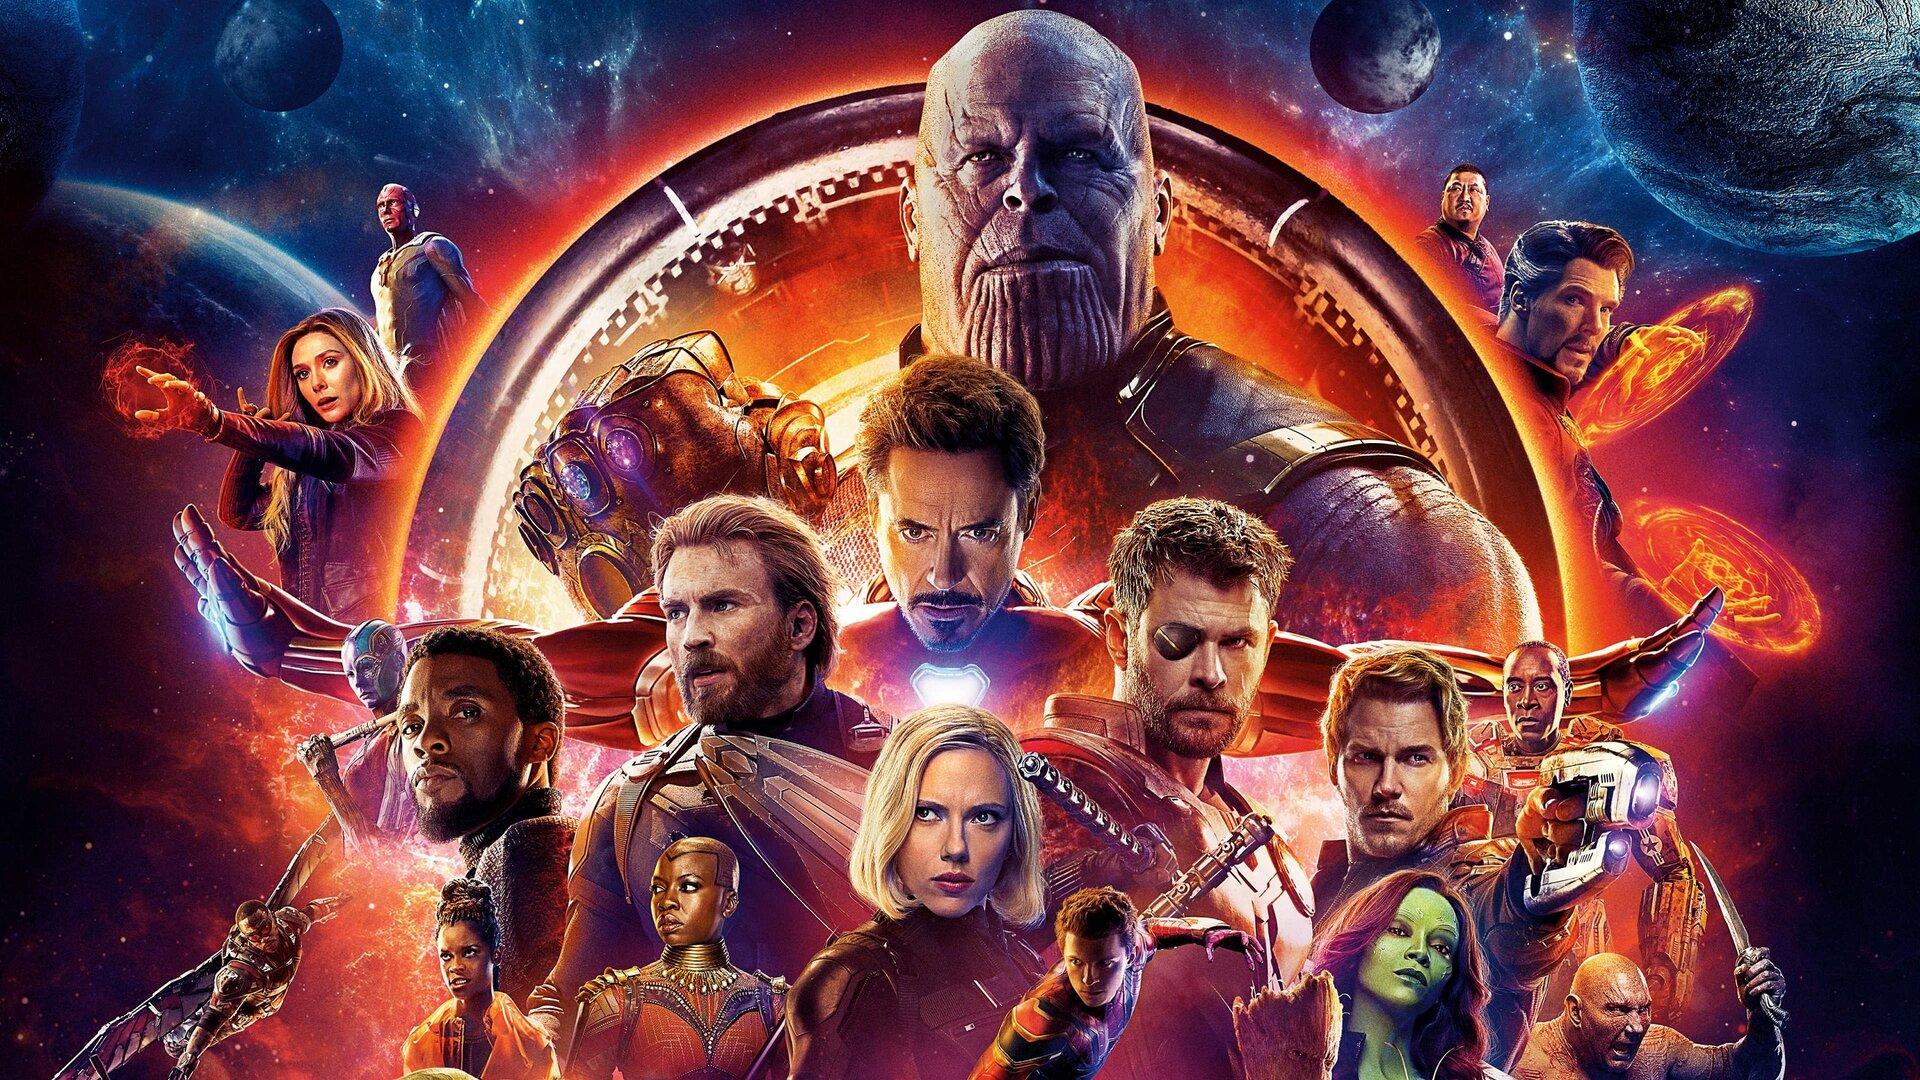 Мстители: Война бесконечности (2018) — фантастика, фэнтези, HD